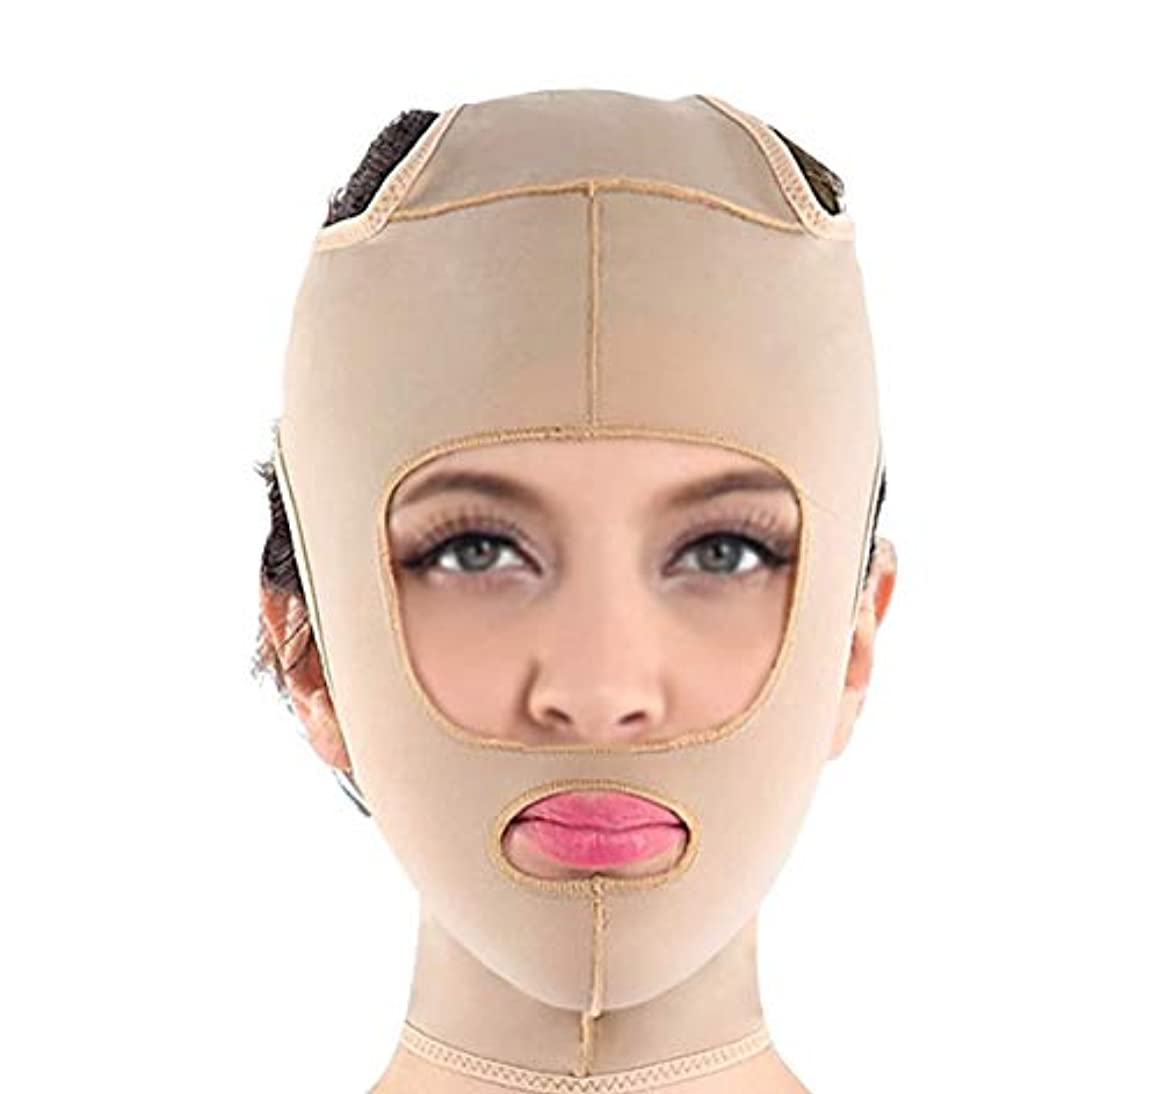 白い怪しいハイジャックフェイスリフティングマスクで肌をよりしっかりと保ち、V字型の顔を形作り、超薄型の通気性、調節可能で快適な着用感(サイズ:Xl),S